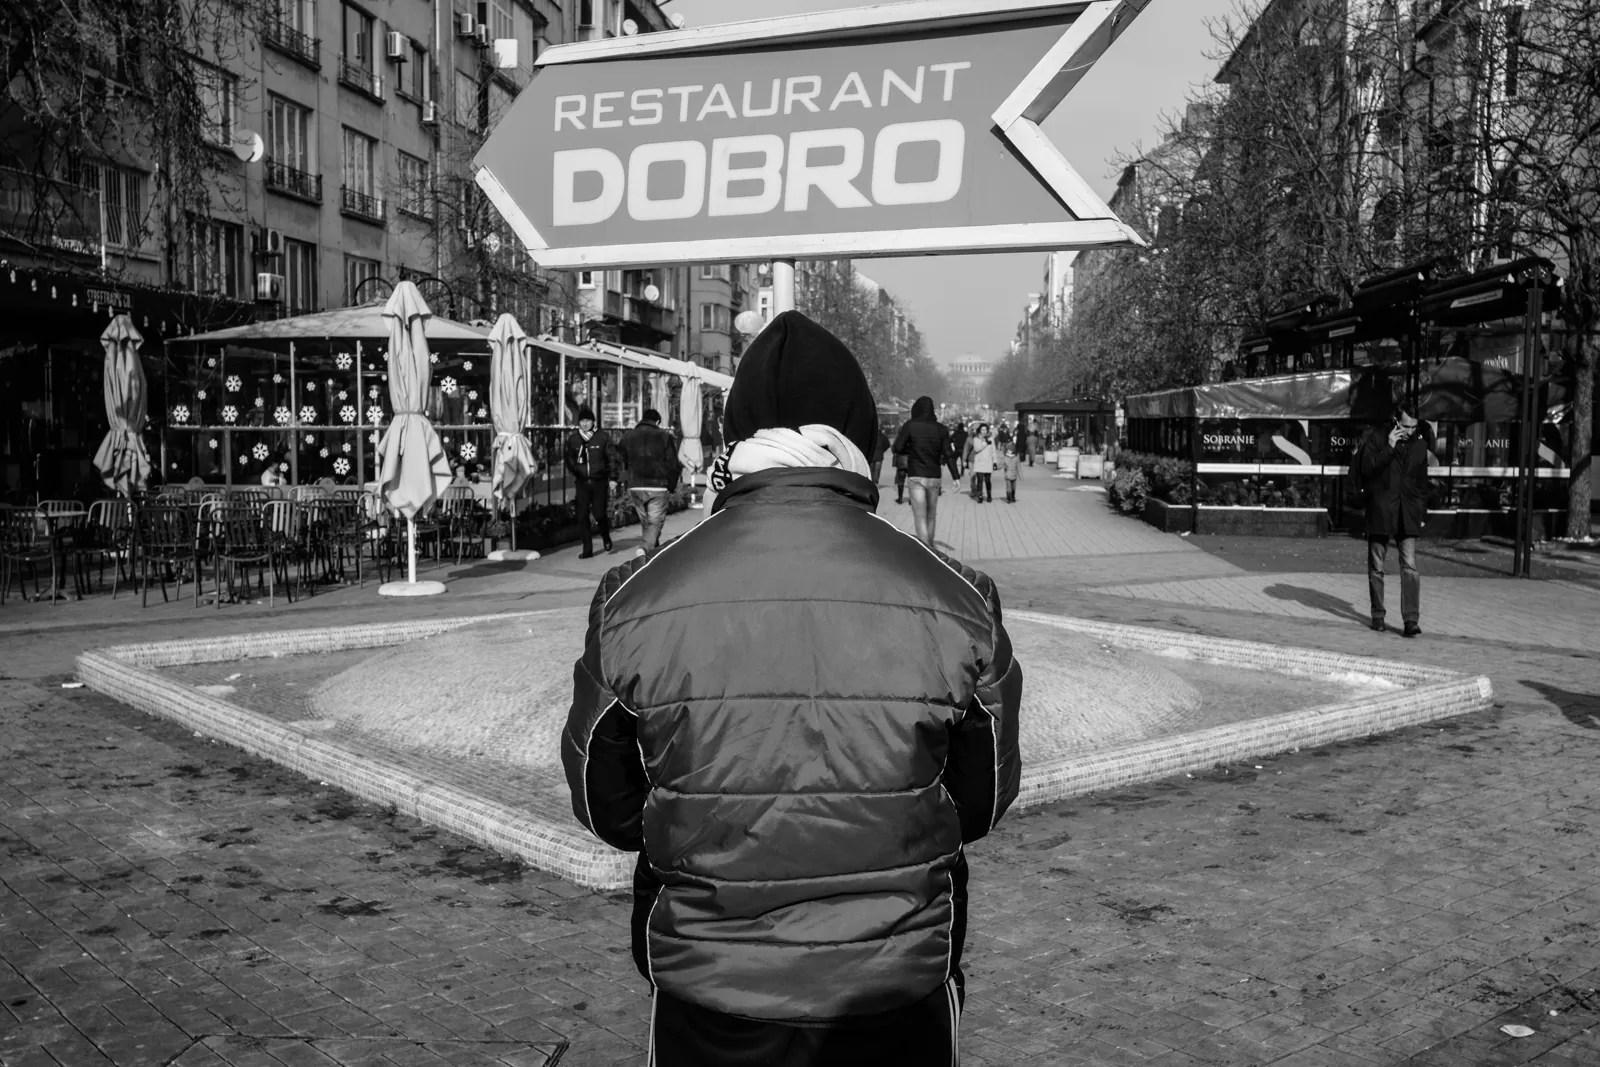 DSCF6321 - Un amore a primo scatto! Voigtlander e la Street Photography - fotostreet.it